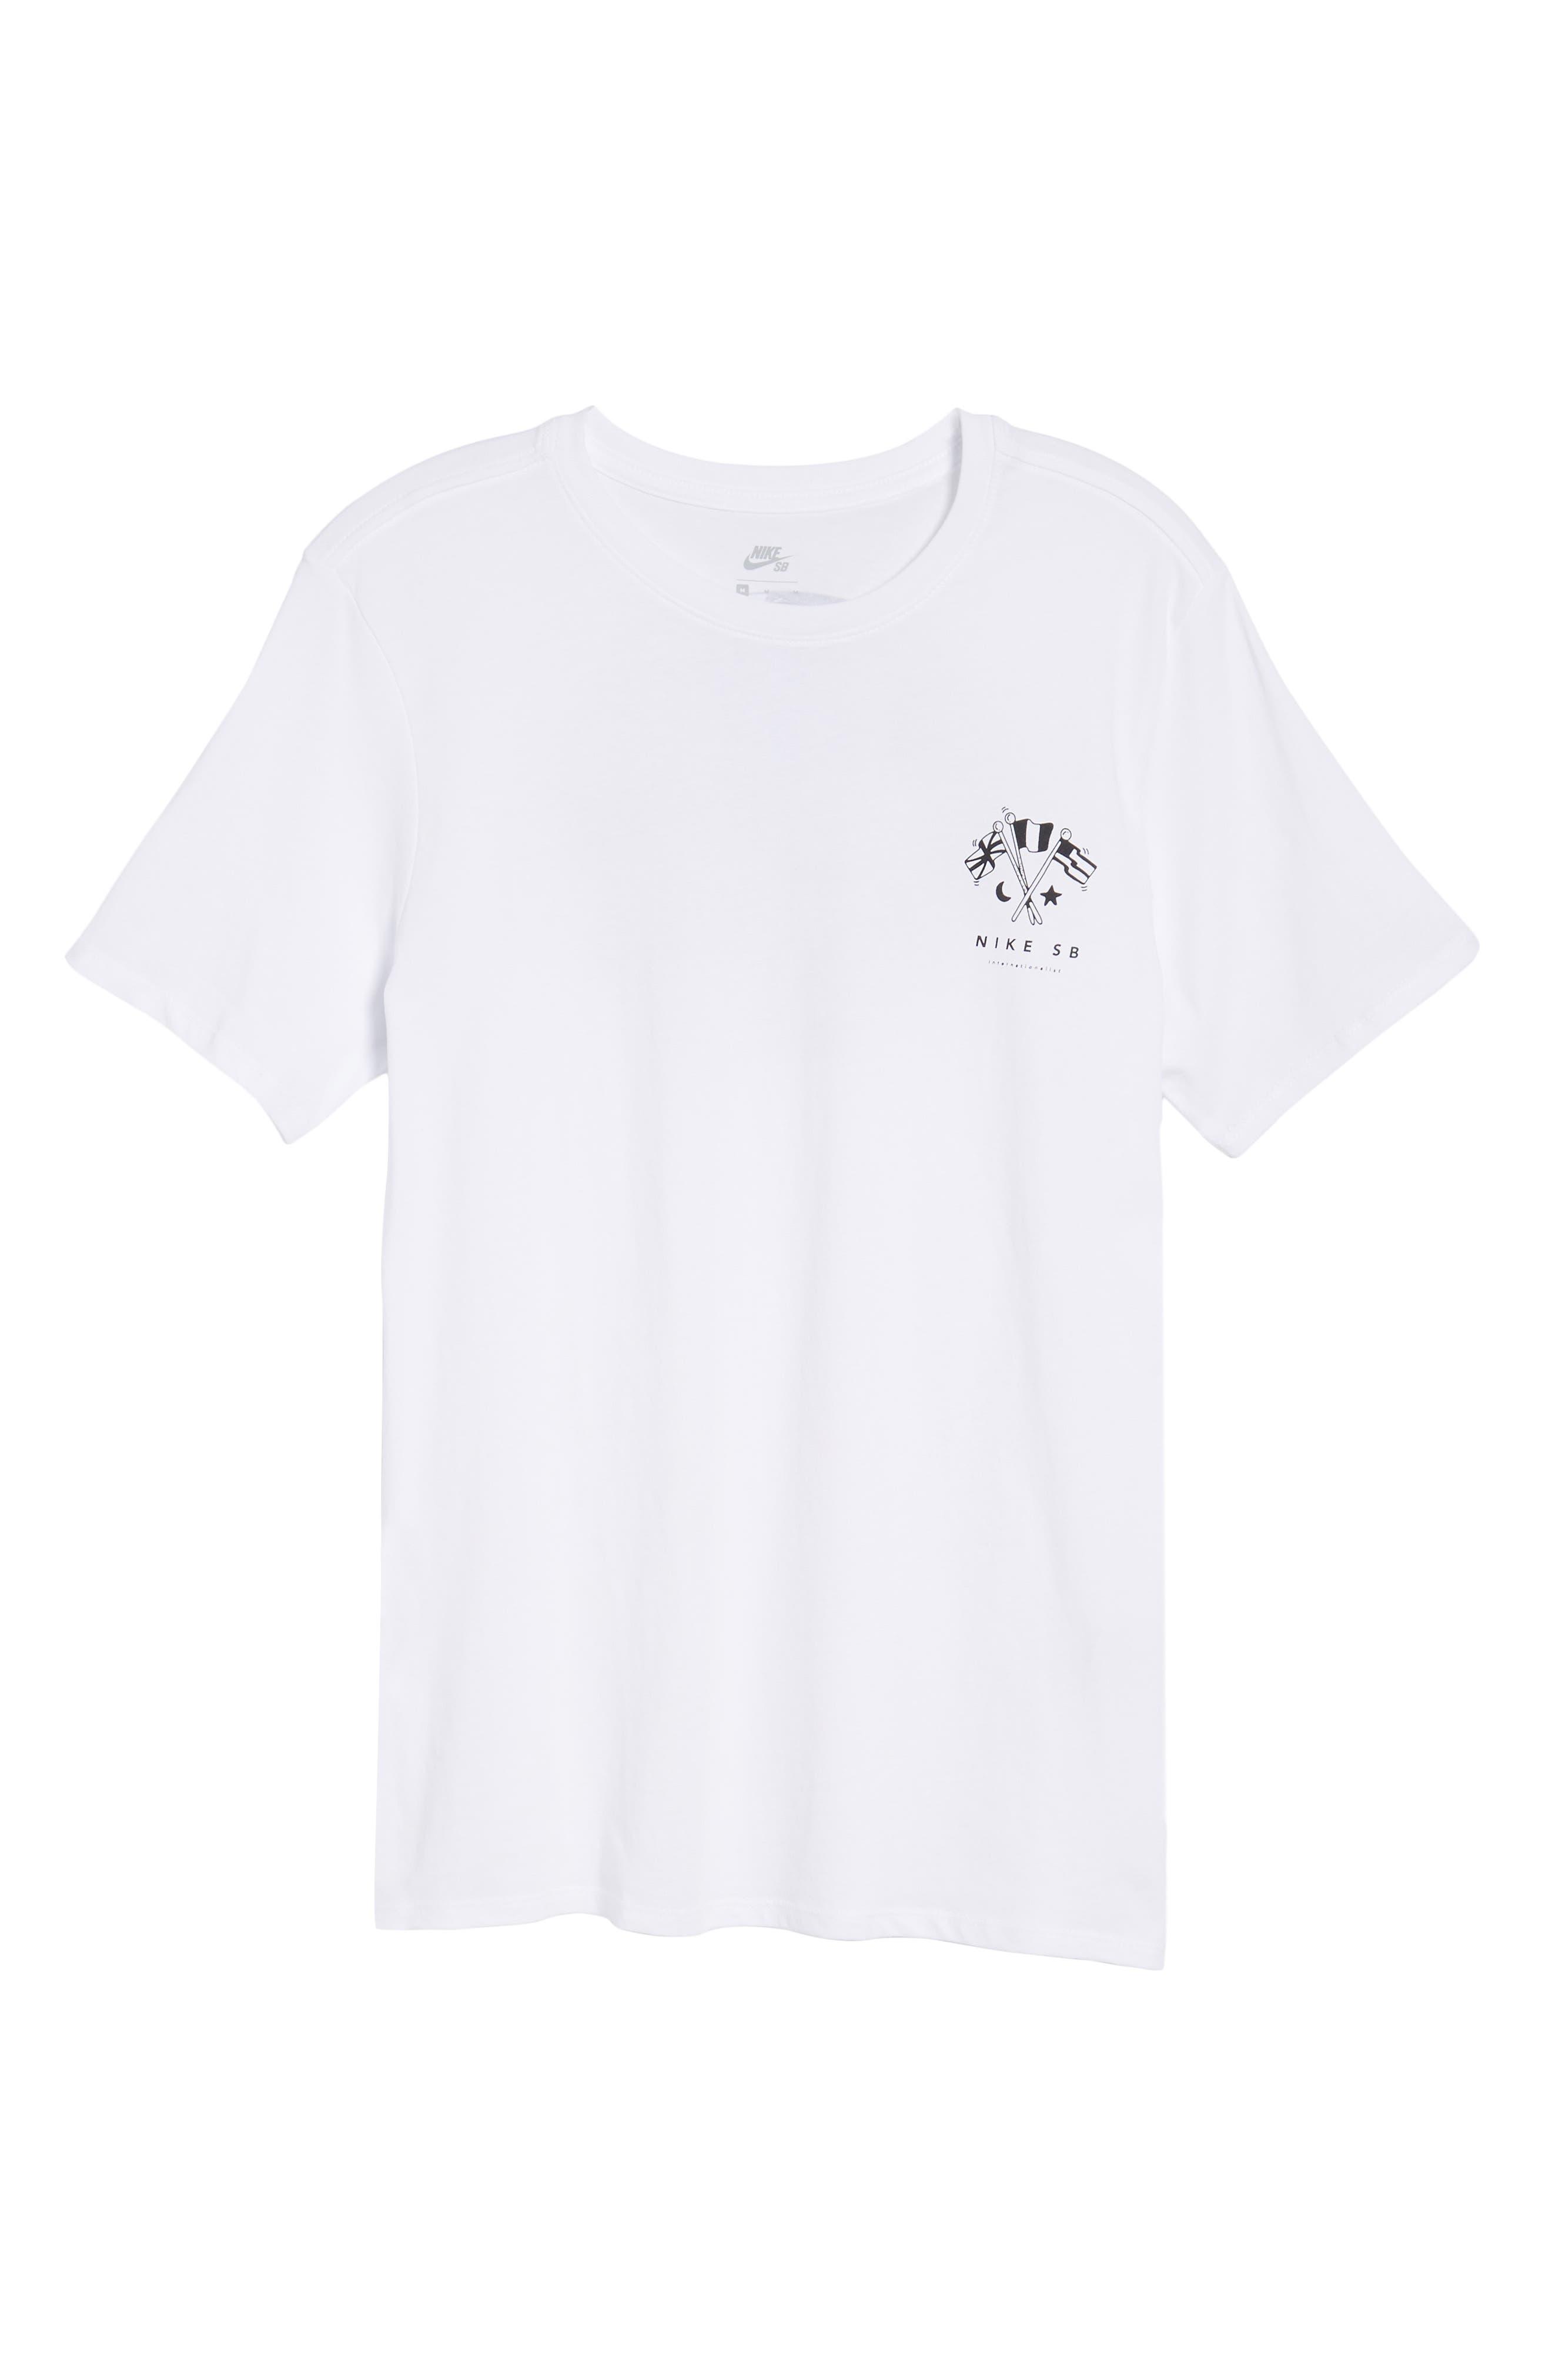 SB Monuments T-Shirt,                             Alternate thumbnail 6, color,                             White/ Black